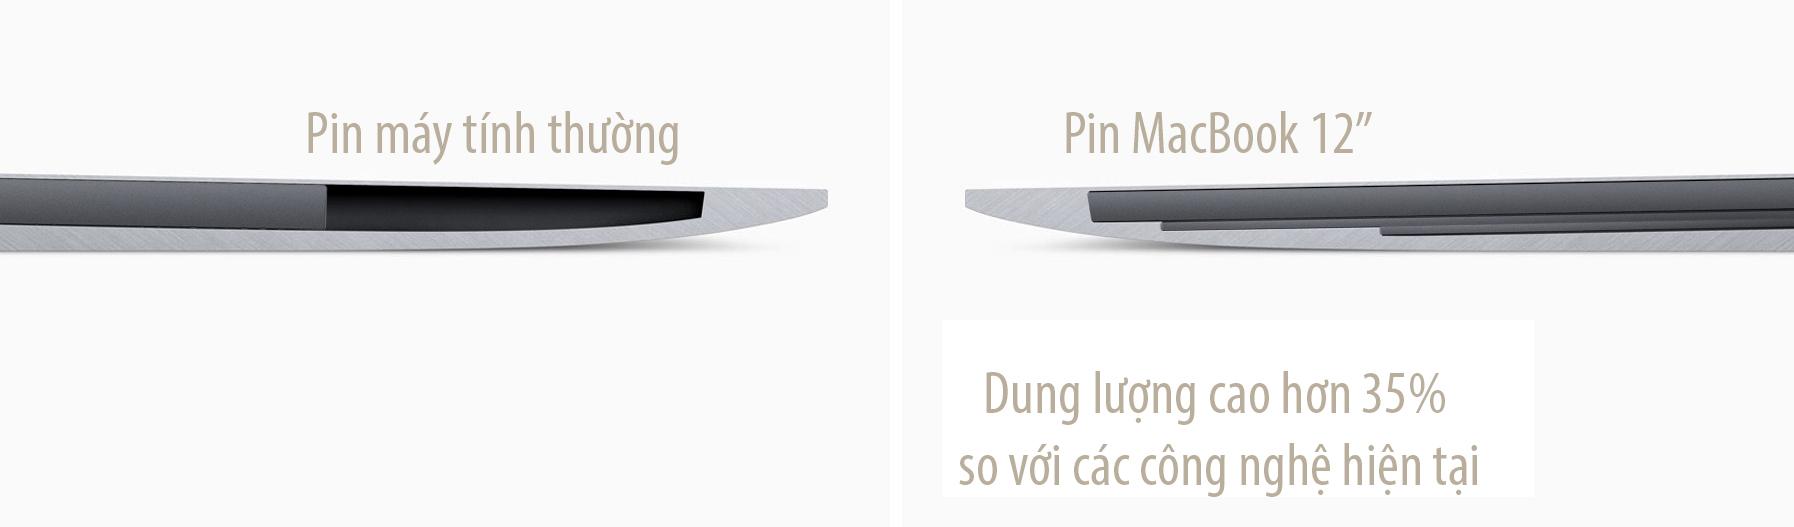 Pin_Macbook_12_tinhte.vn.jpg